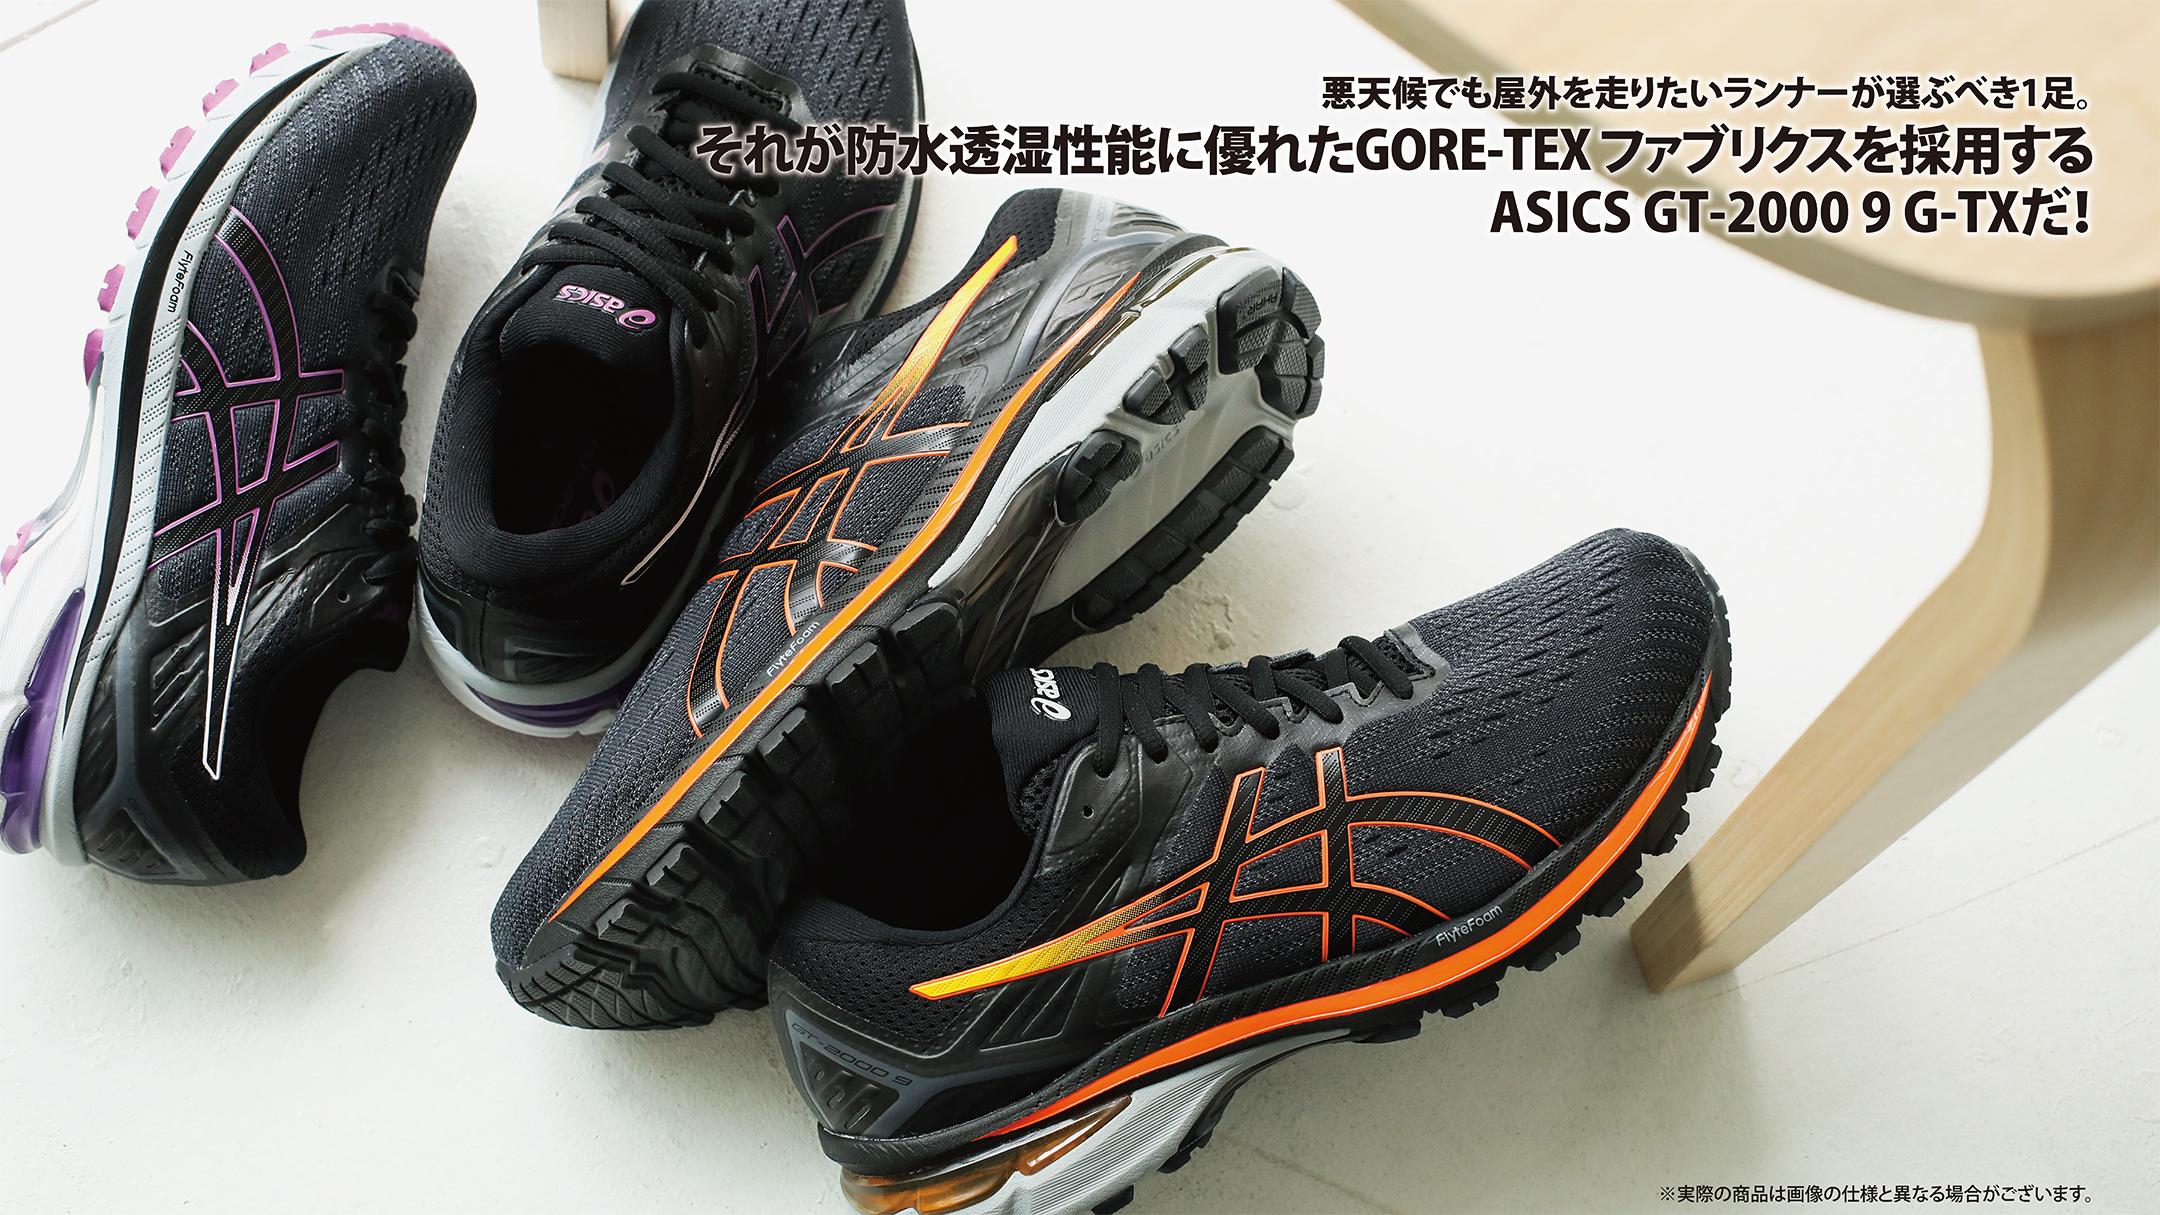 【ASICS GT-2000 9 G-TX】悪天候でも屋外を走りたいランナーが選ぶべき1足だ!